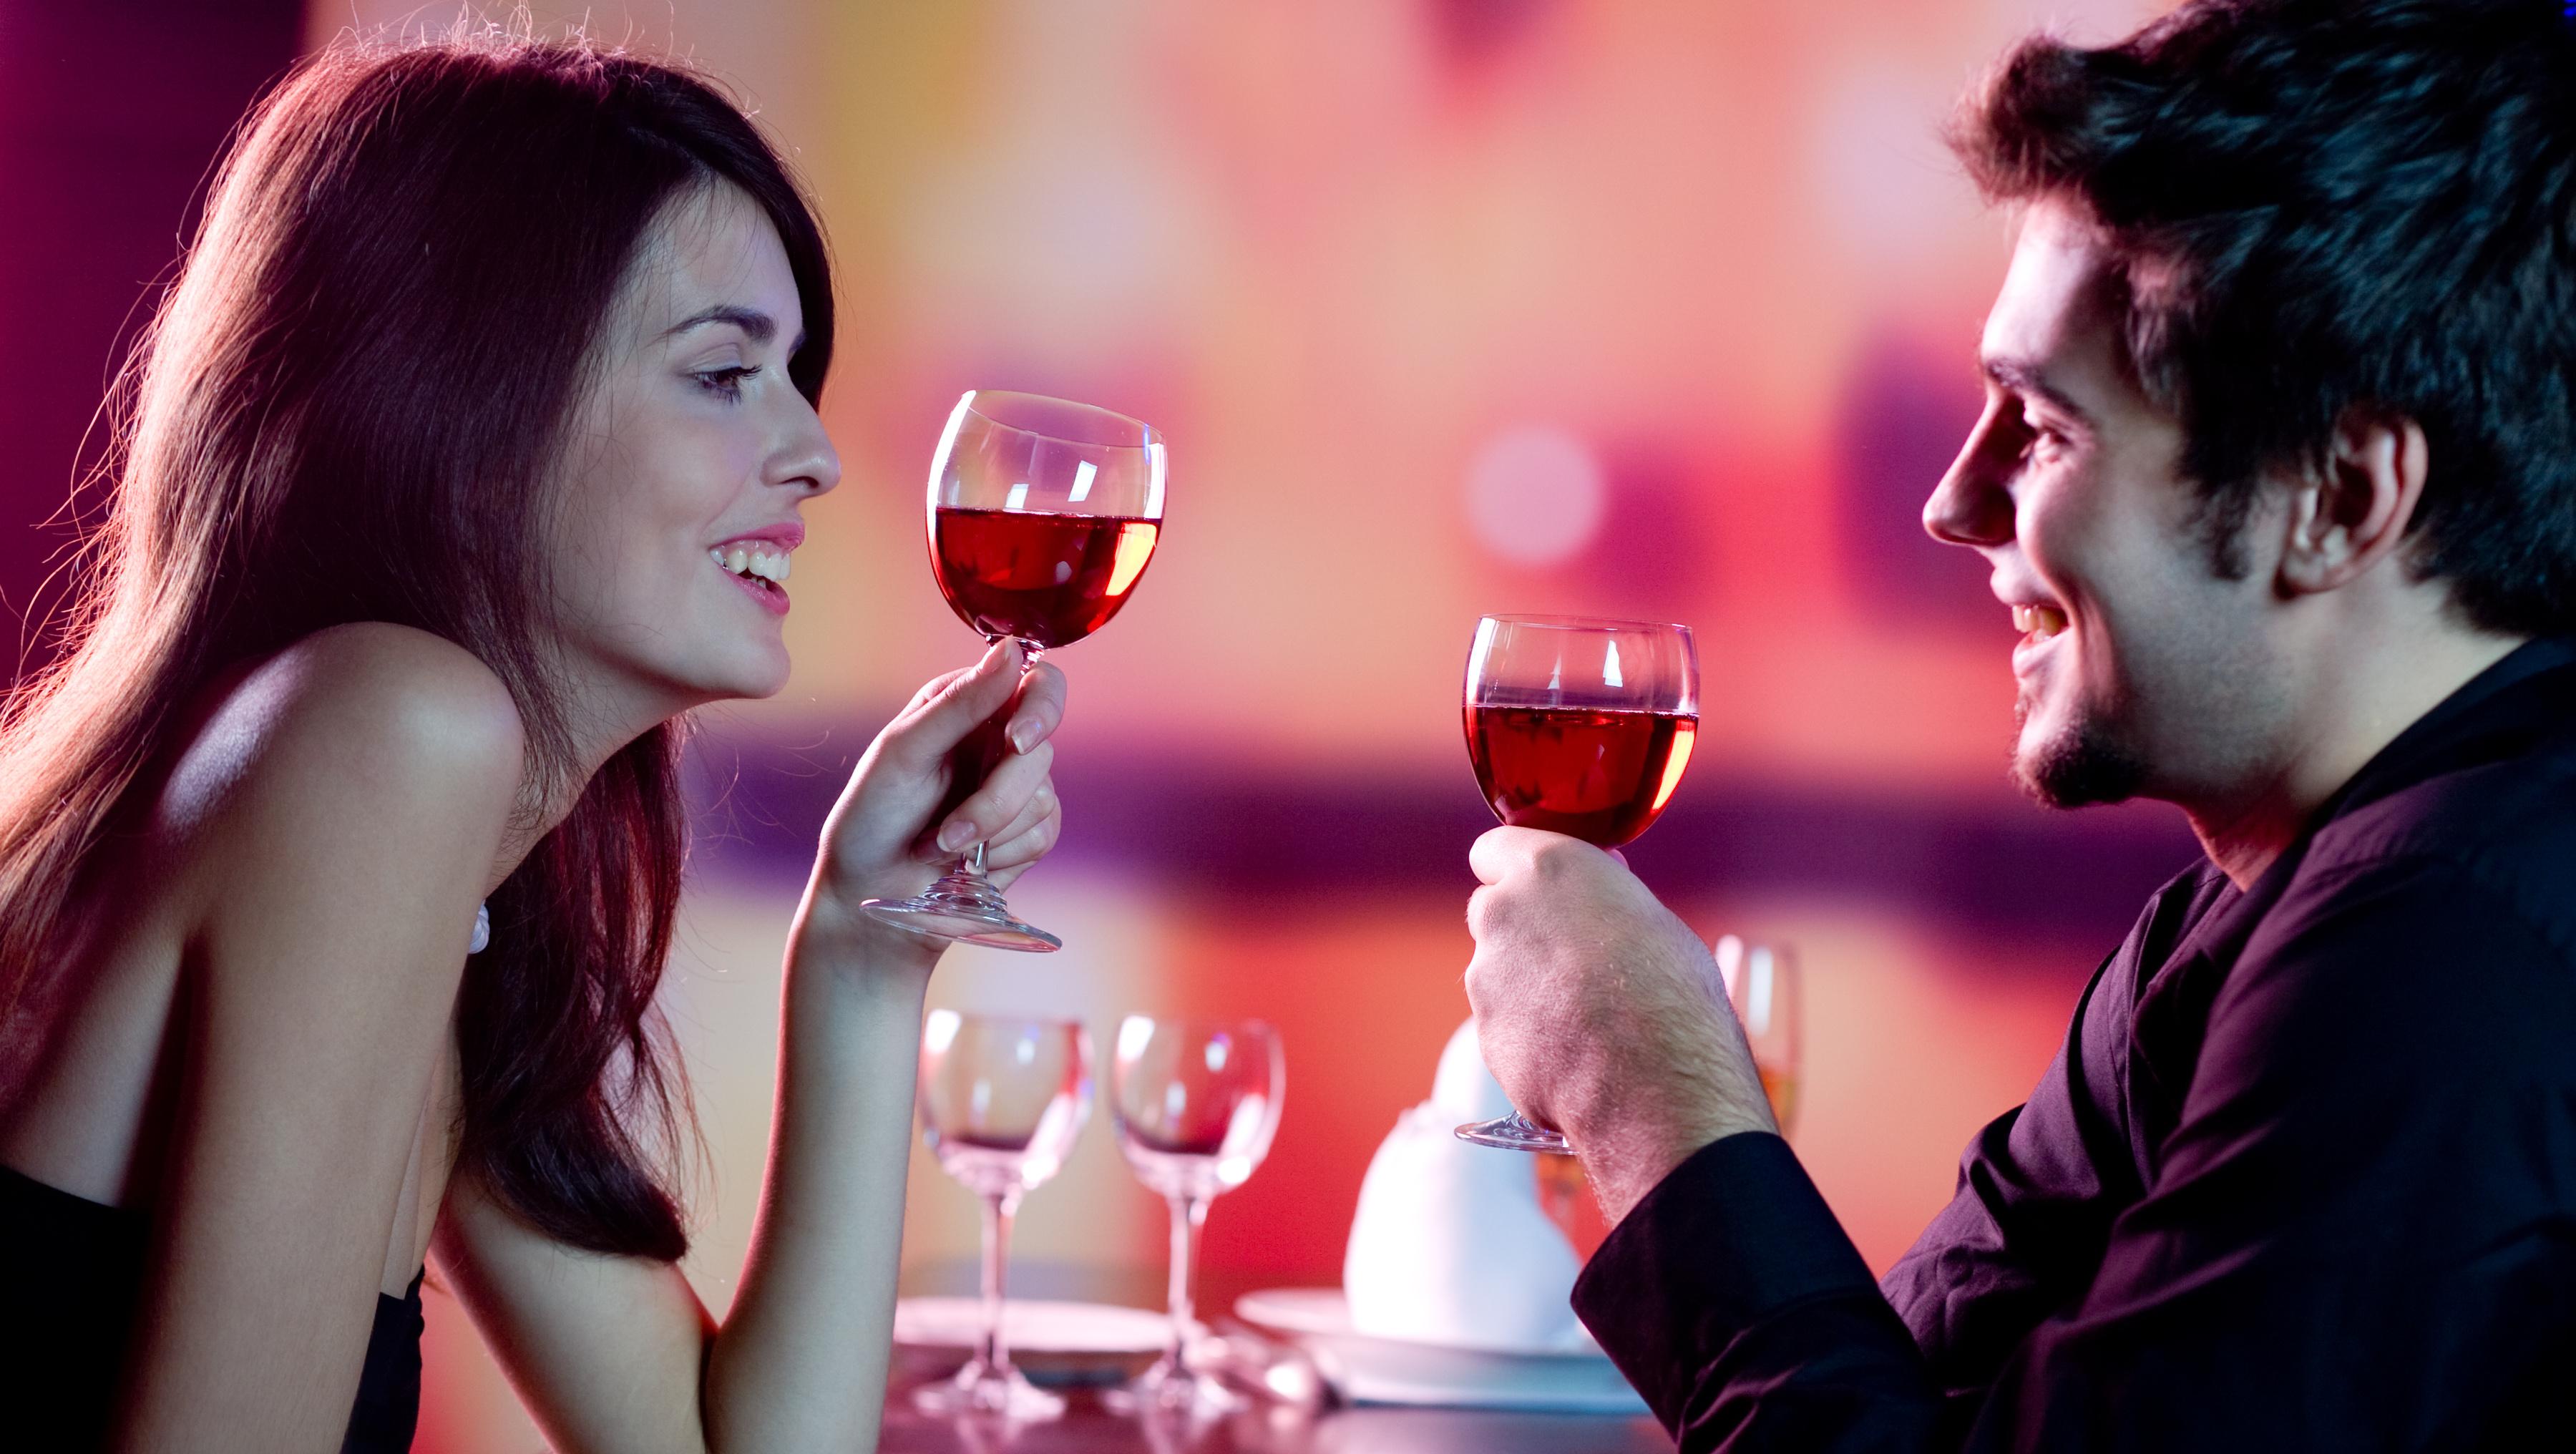 ραντεβού με μια επιτυχημένη γυναίκα